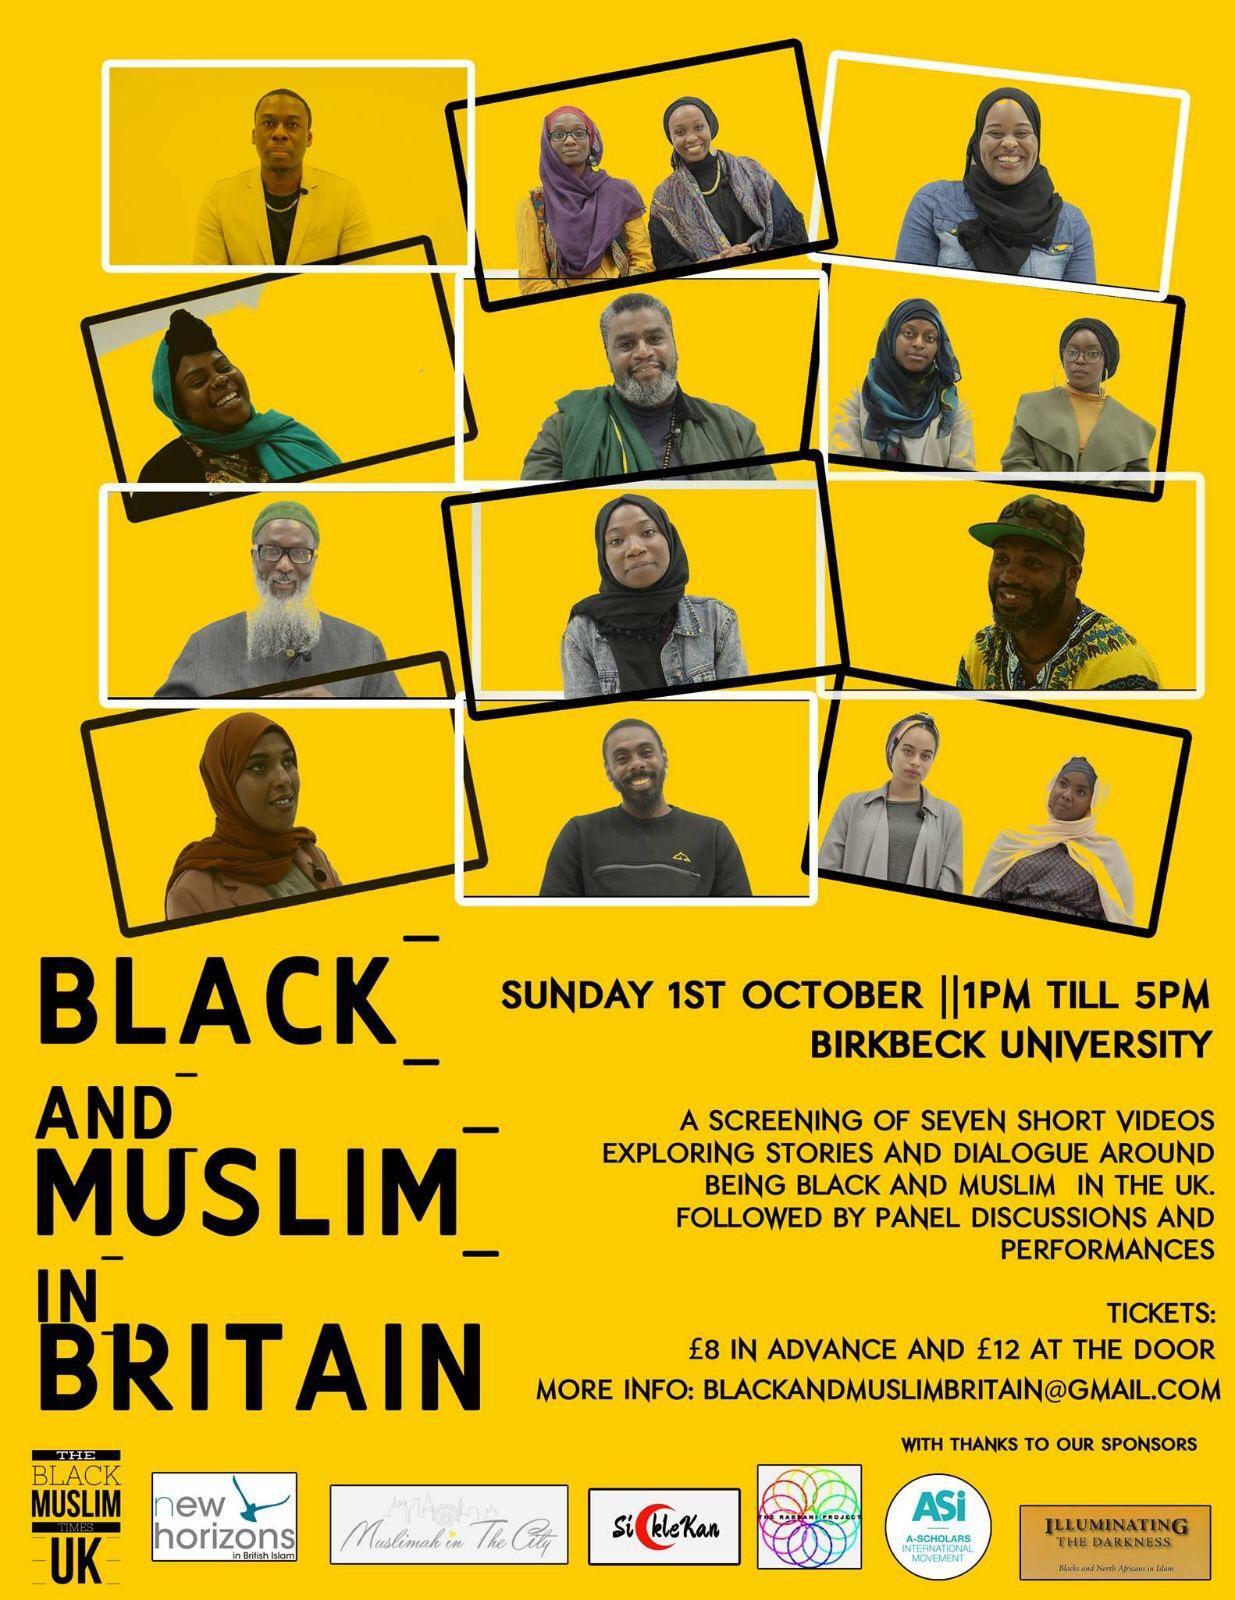 Black and Muslim in Britain Screening | Blacknet UK